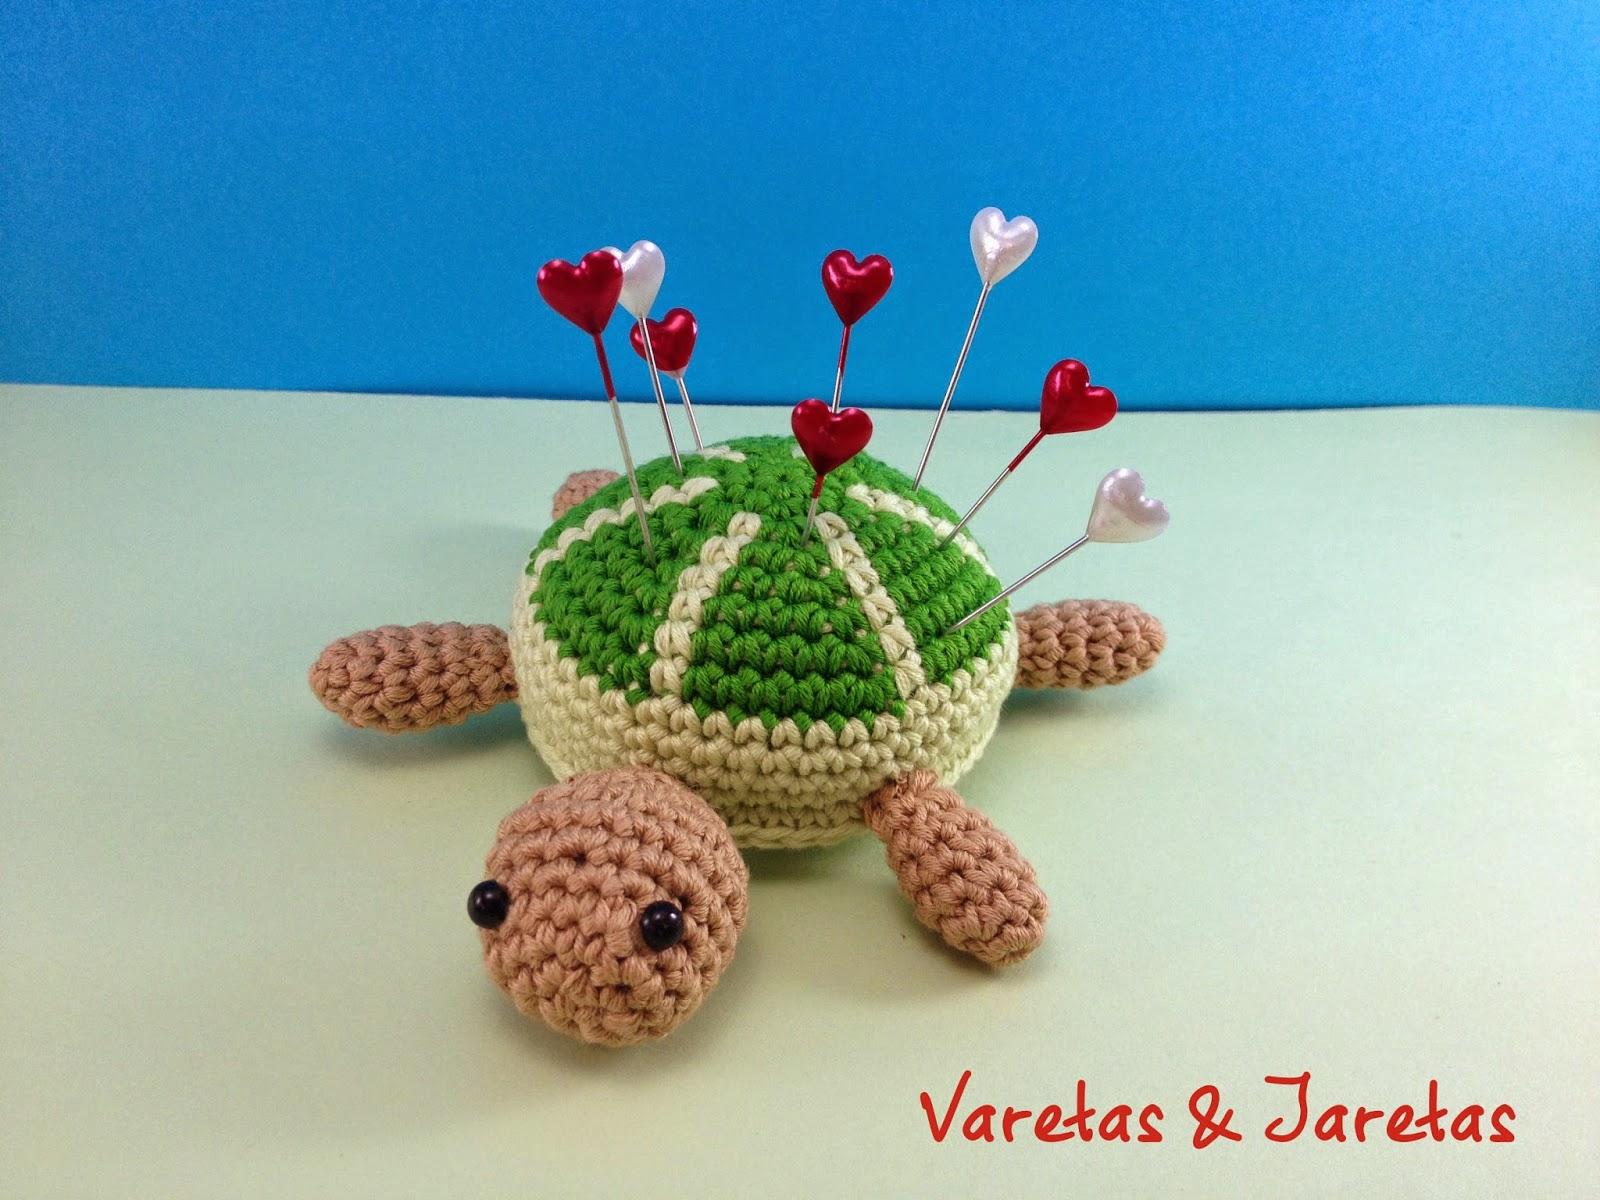 Varetas & Jaretas: Patrón gratis tortuga en crochet